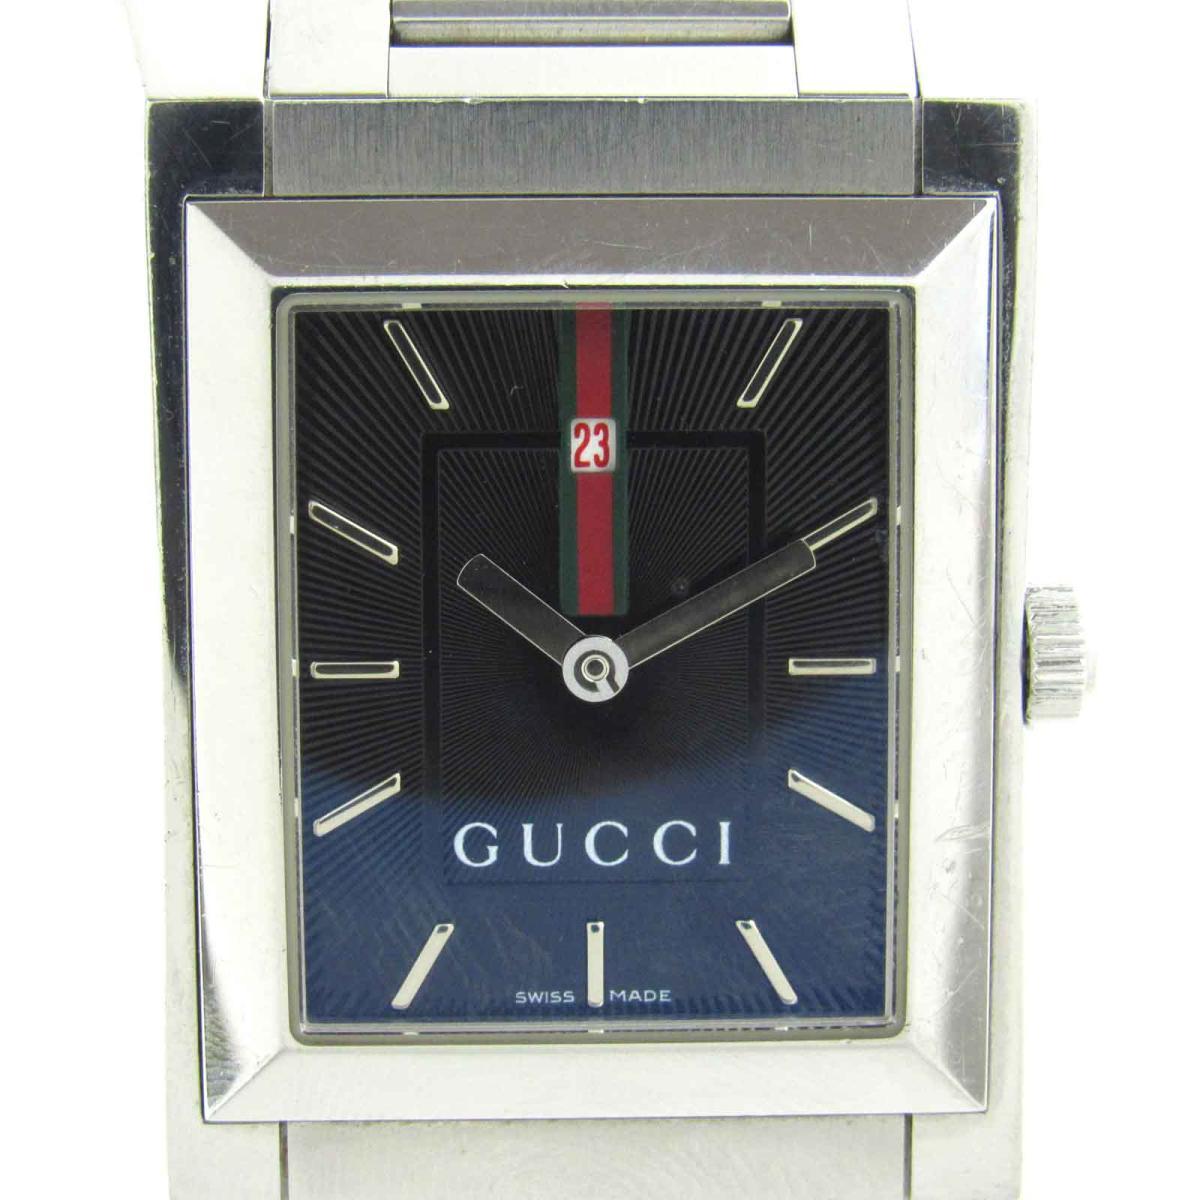 【中古】 グッチ 時計 ウォッチ 腕時計 メンズ ステンレススチール (SS) (111M) | GUCCI クオーツ クォーツ 時計 時計 美品 ブランドオフ